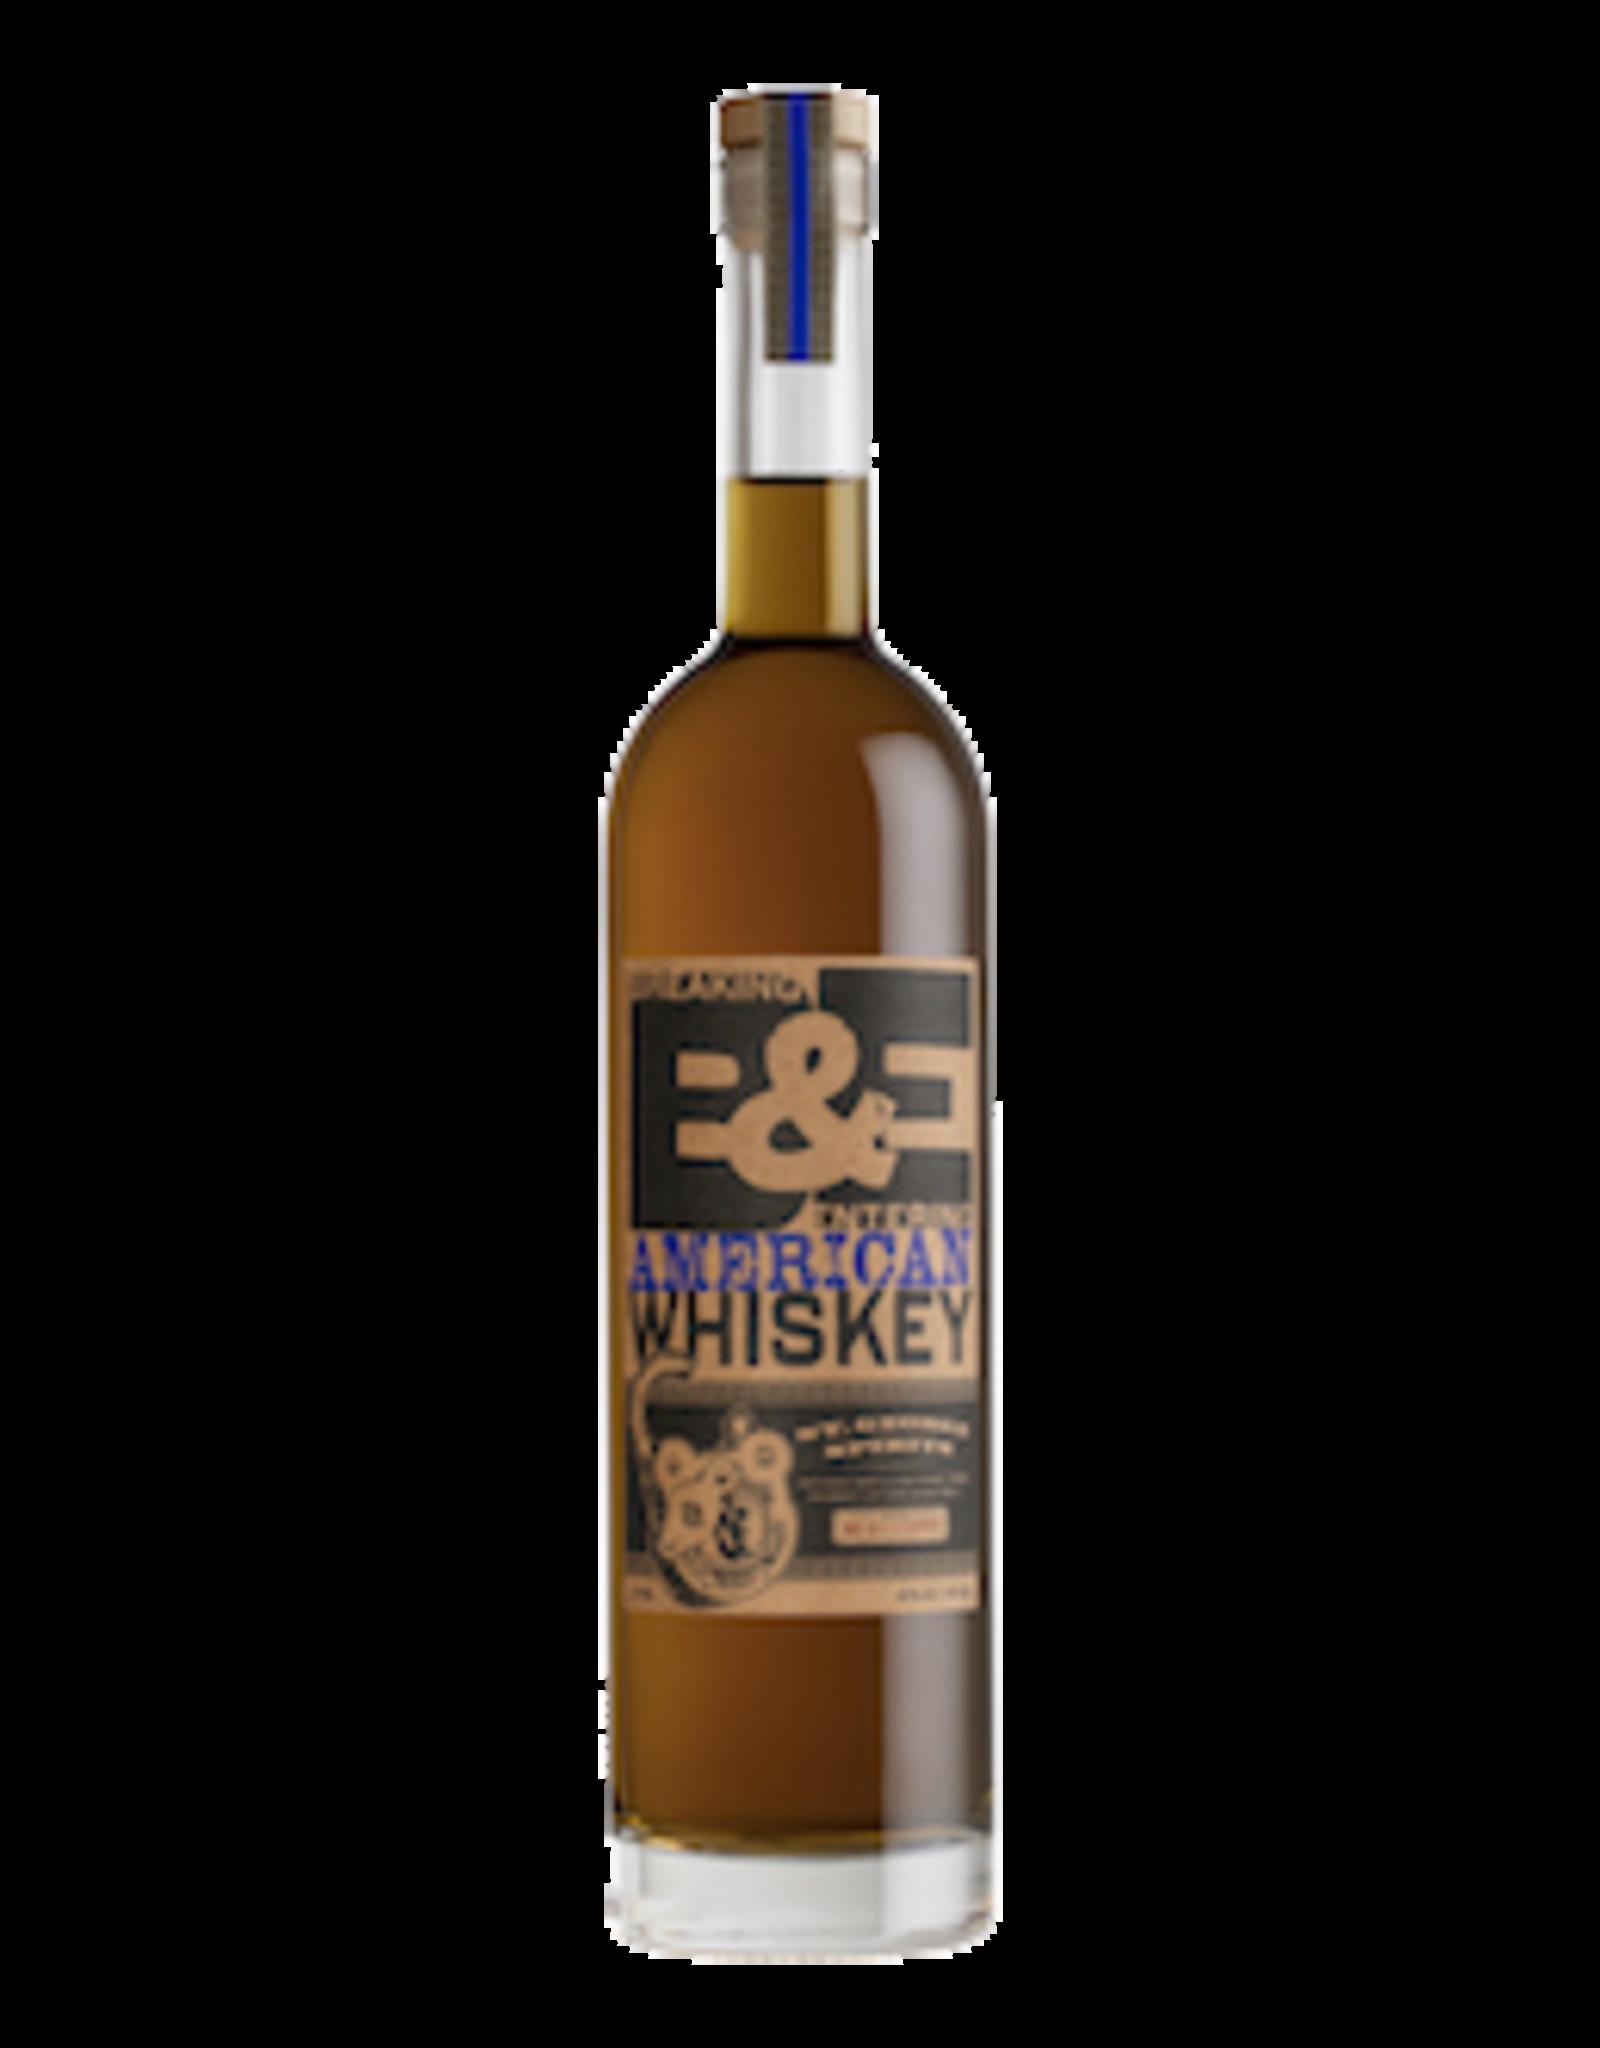 St. George 'Breaking & Entering' American Whiskey